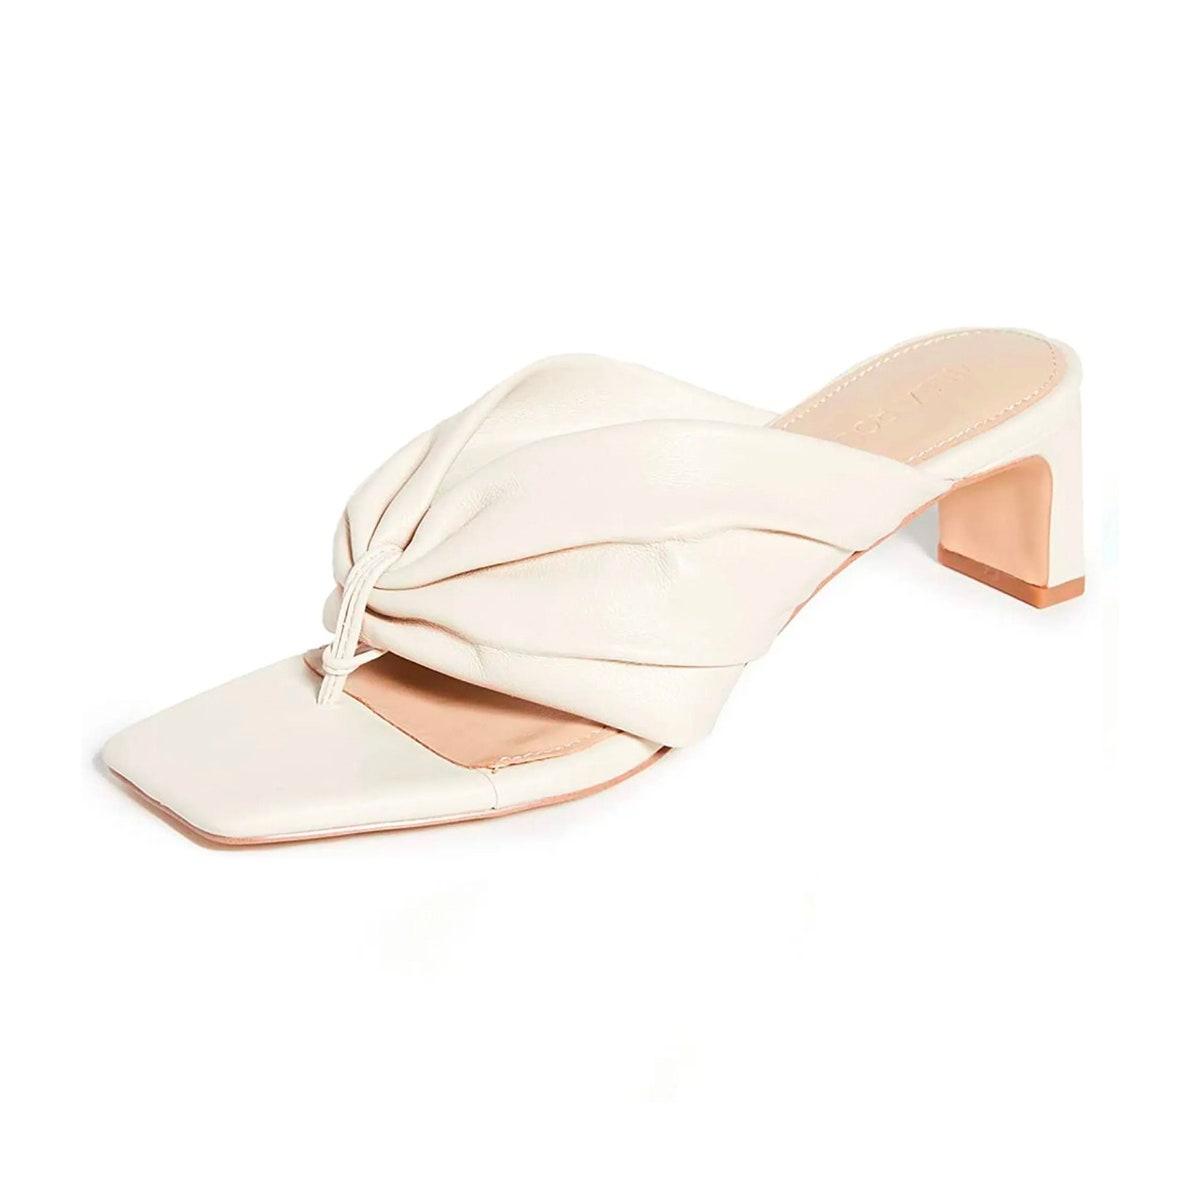 Square Toe Sandals in white